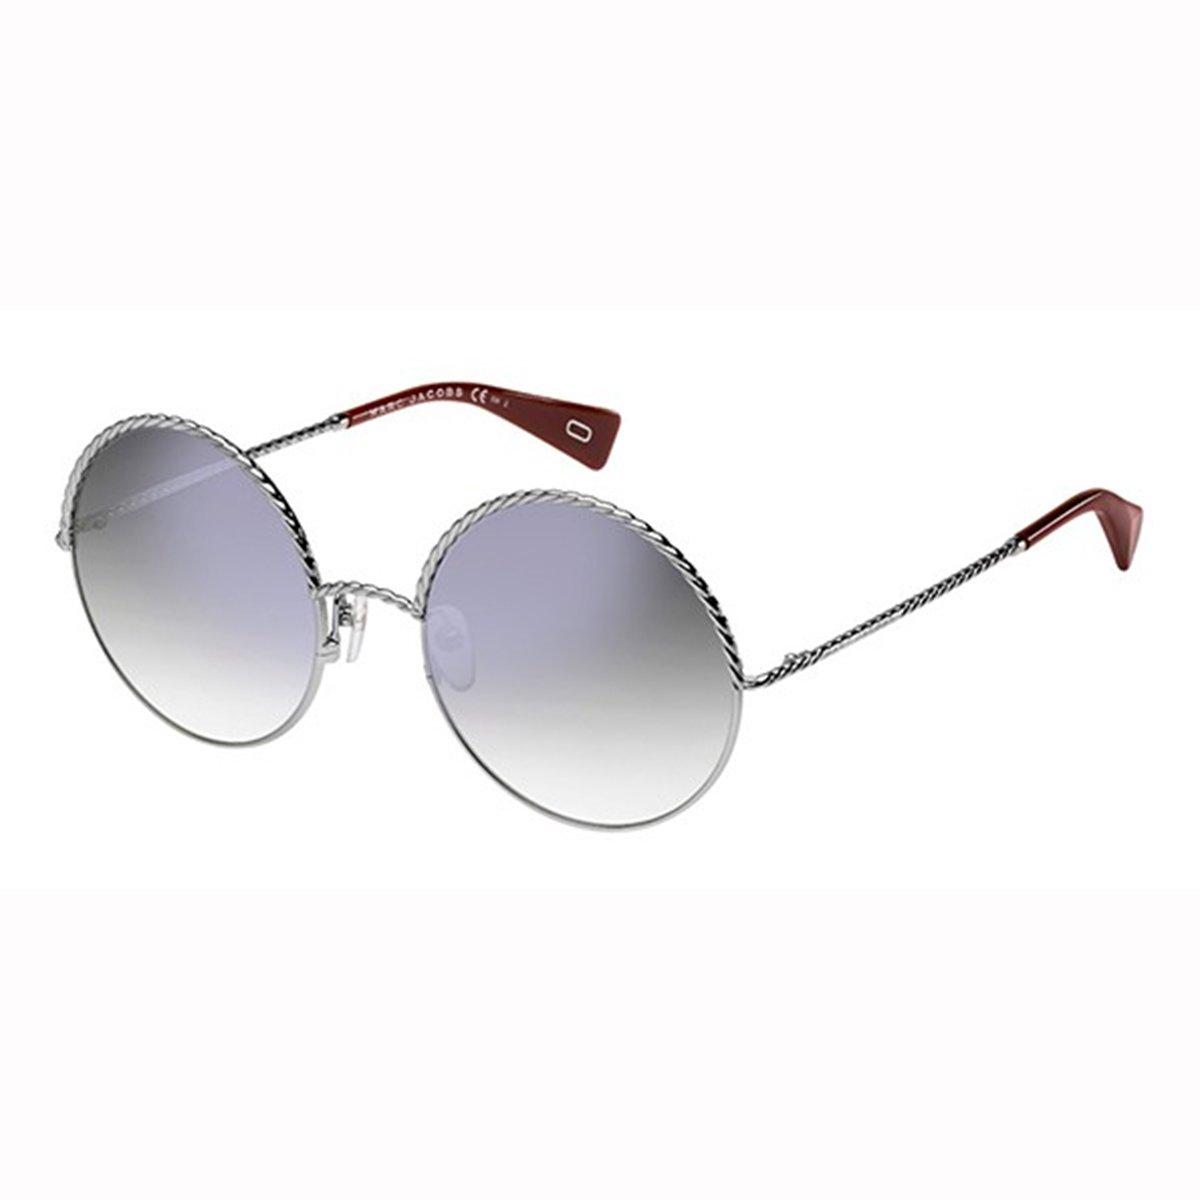 92249925564b5 Compre Óculos de Sol Marc Jacobs em 10X